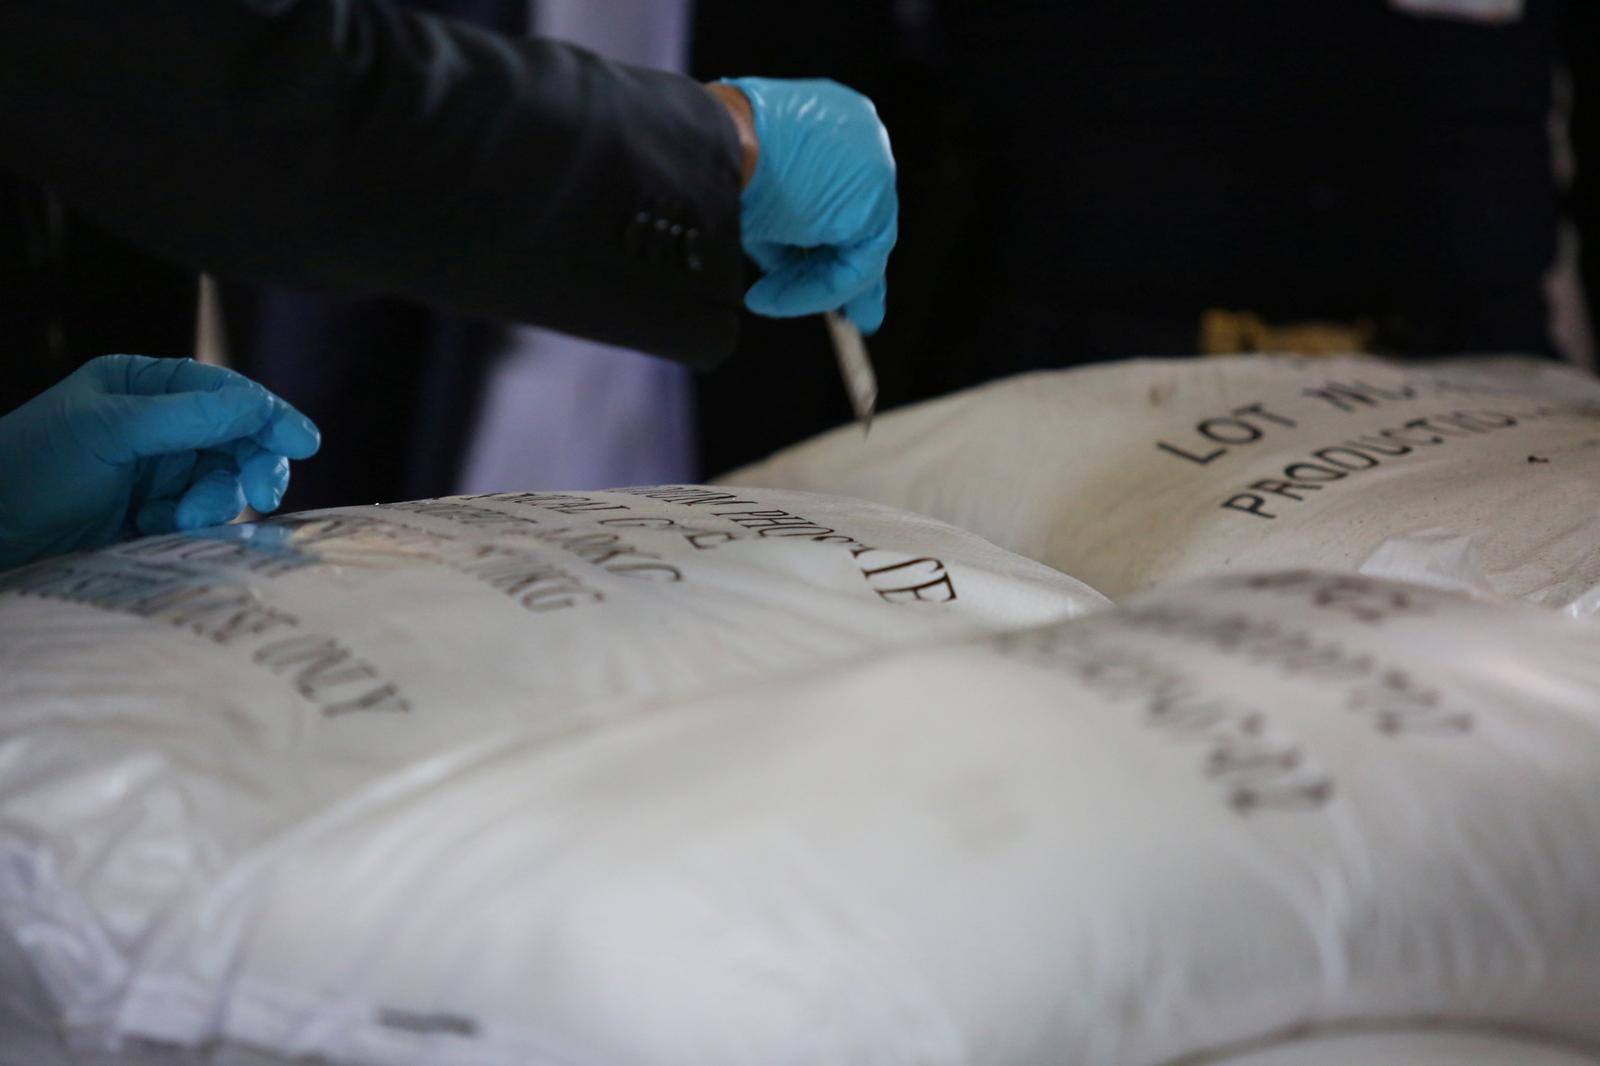 Thailand says giant drug bust wasn't